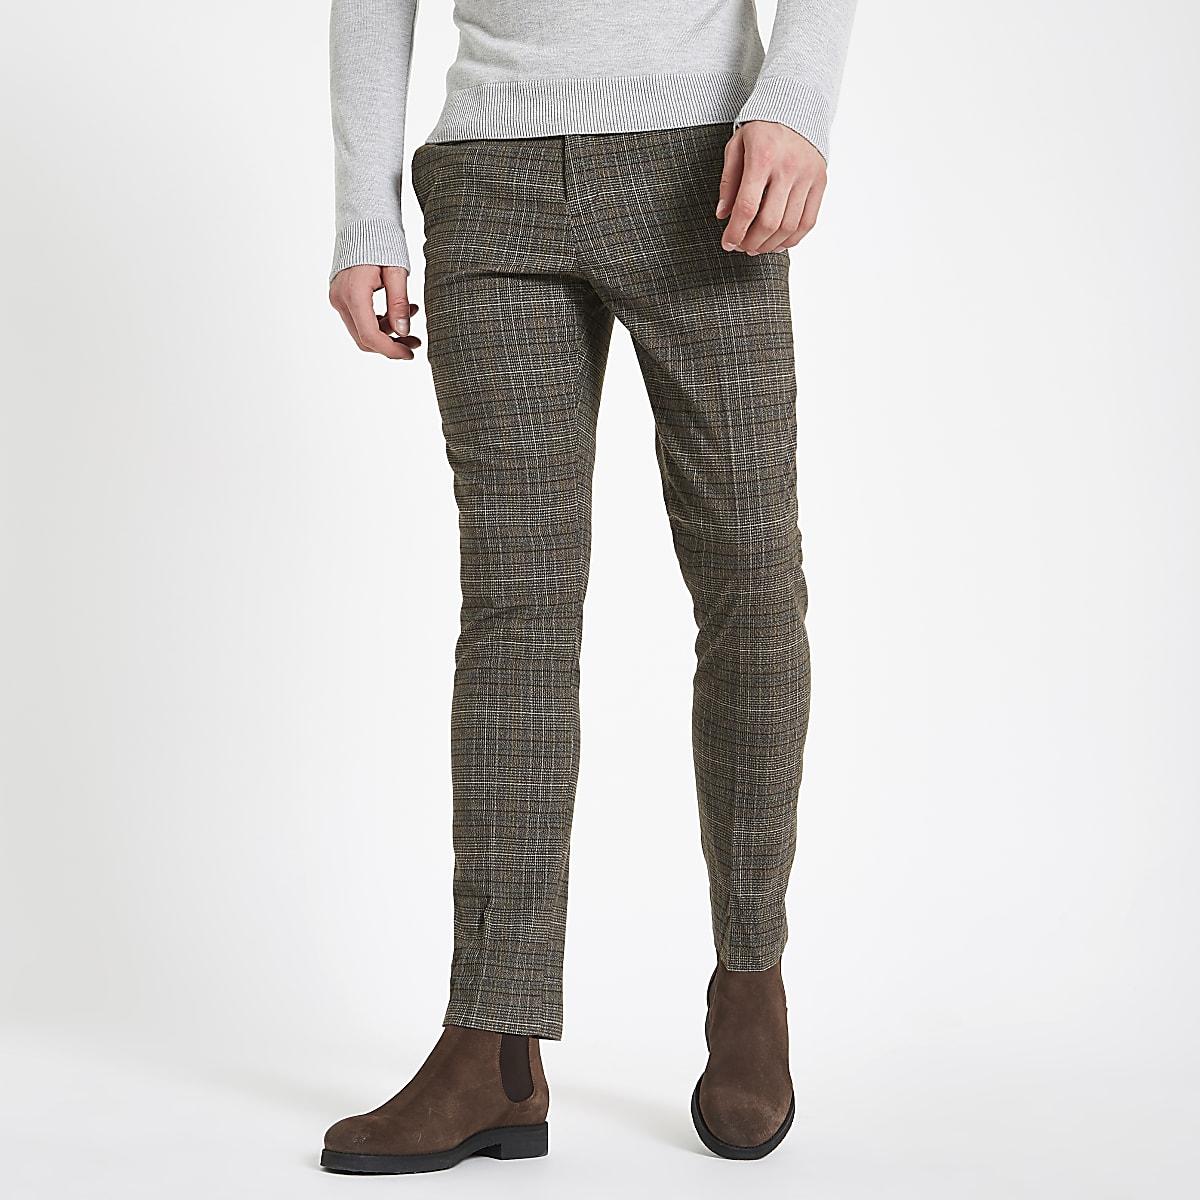 Joggingbroek Heren Skinny.Grijze Geruite Skinny Fit Broek Modieuze Broek Broeken Heren